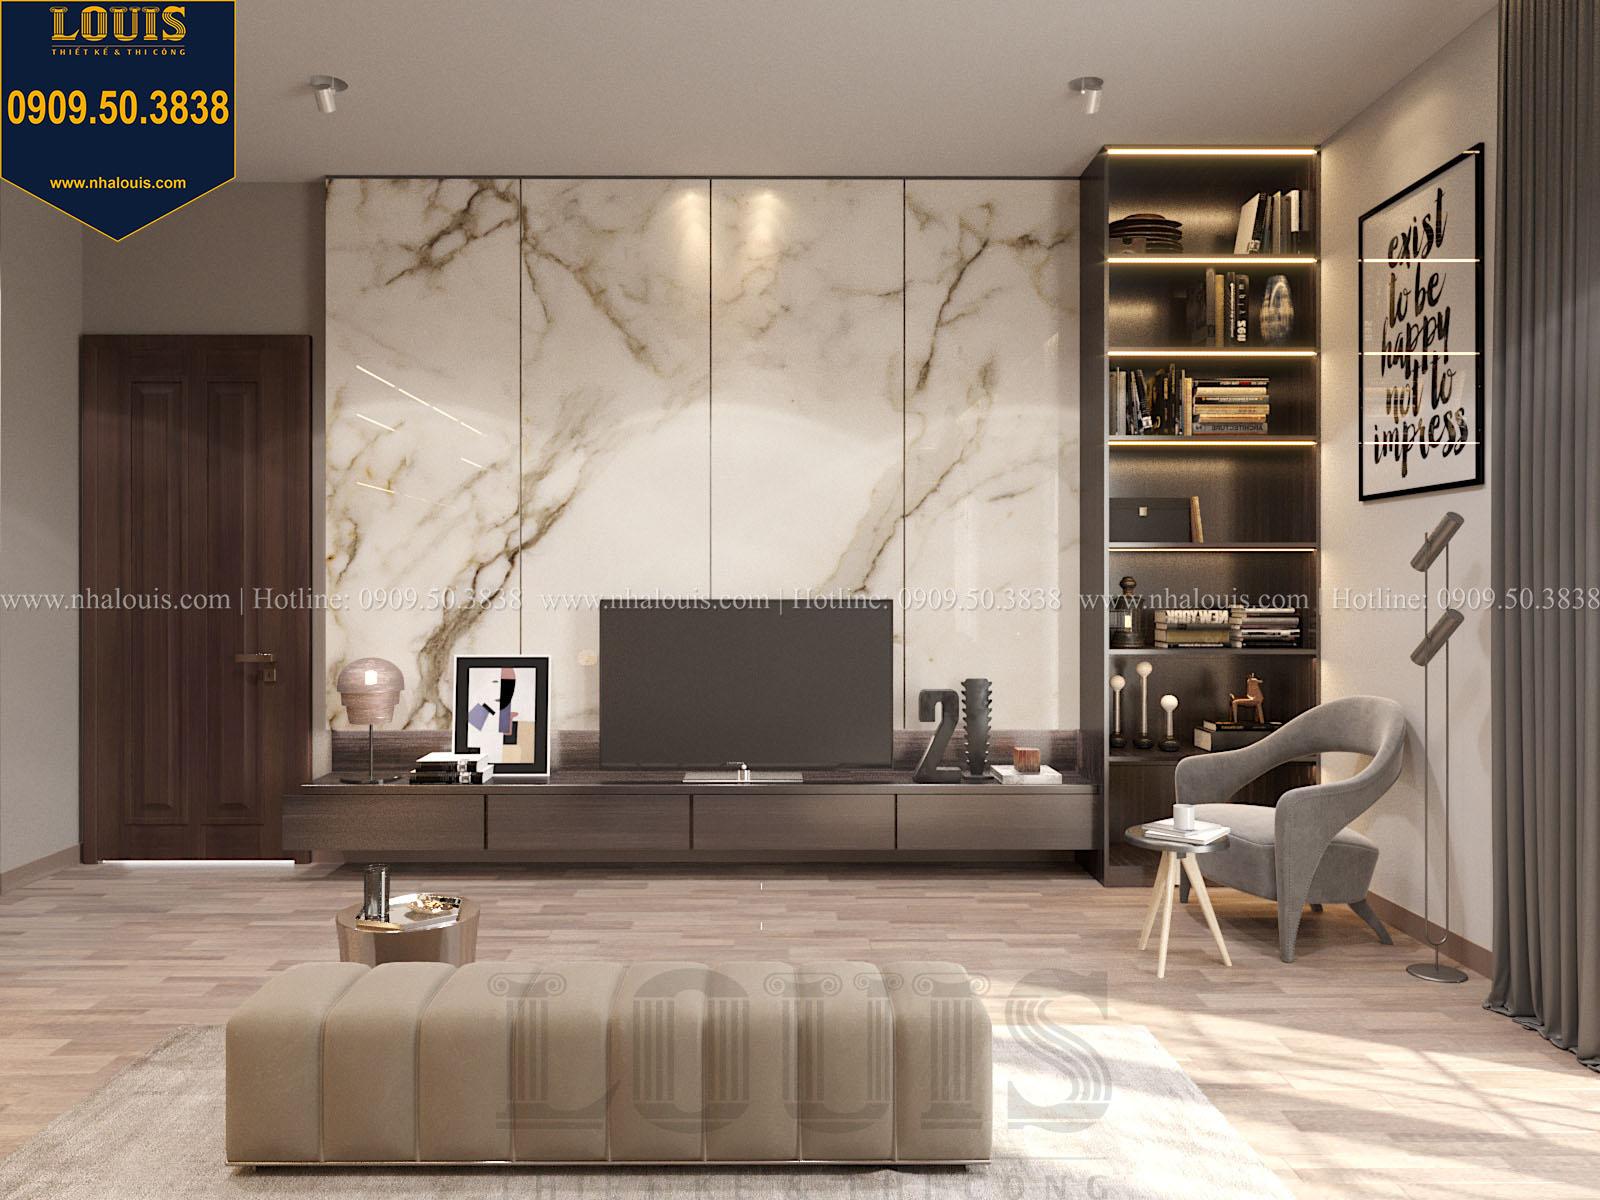 Phòng ngủ biệt thự 2 tầng đẹp - 036